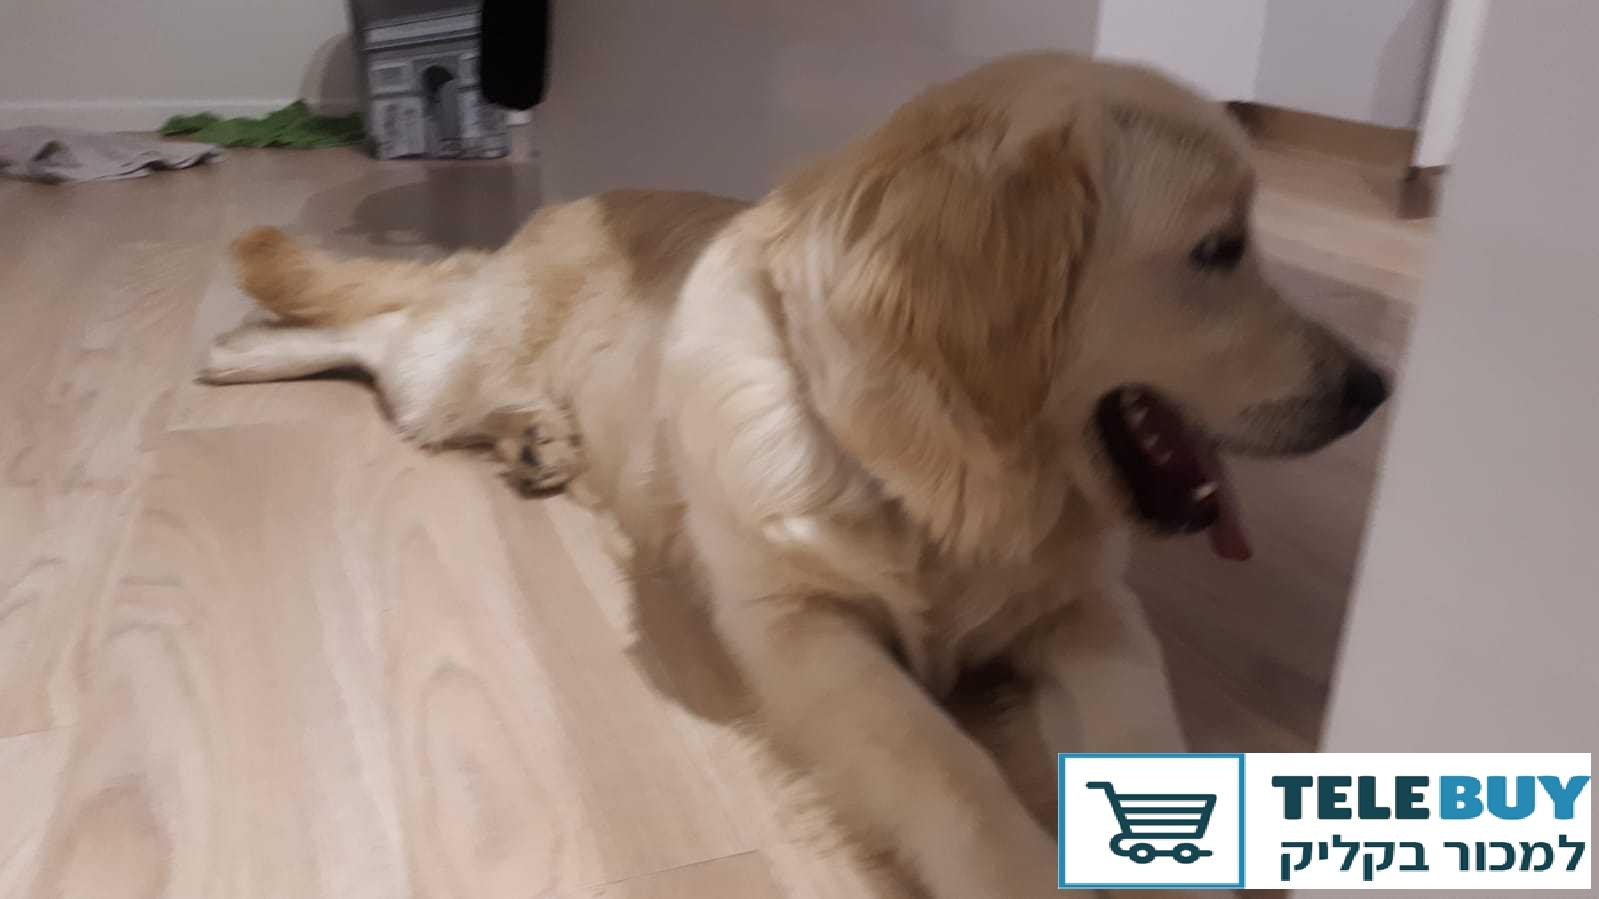 כלבים גולדן רטריבר בירושלים